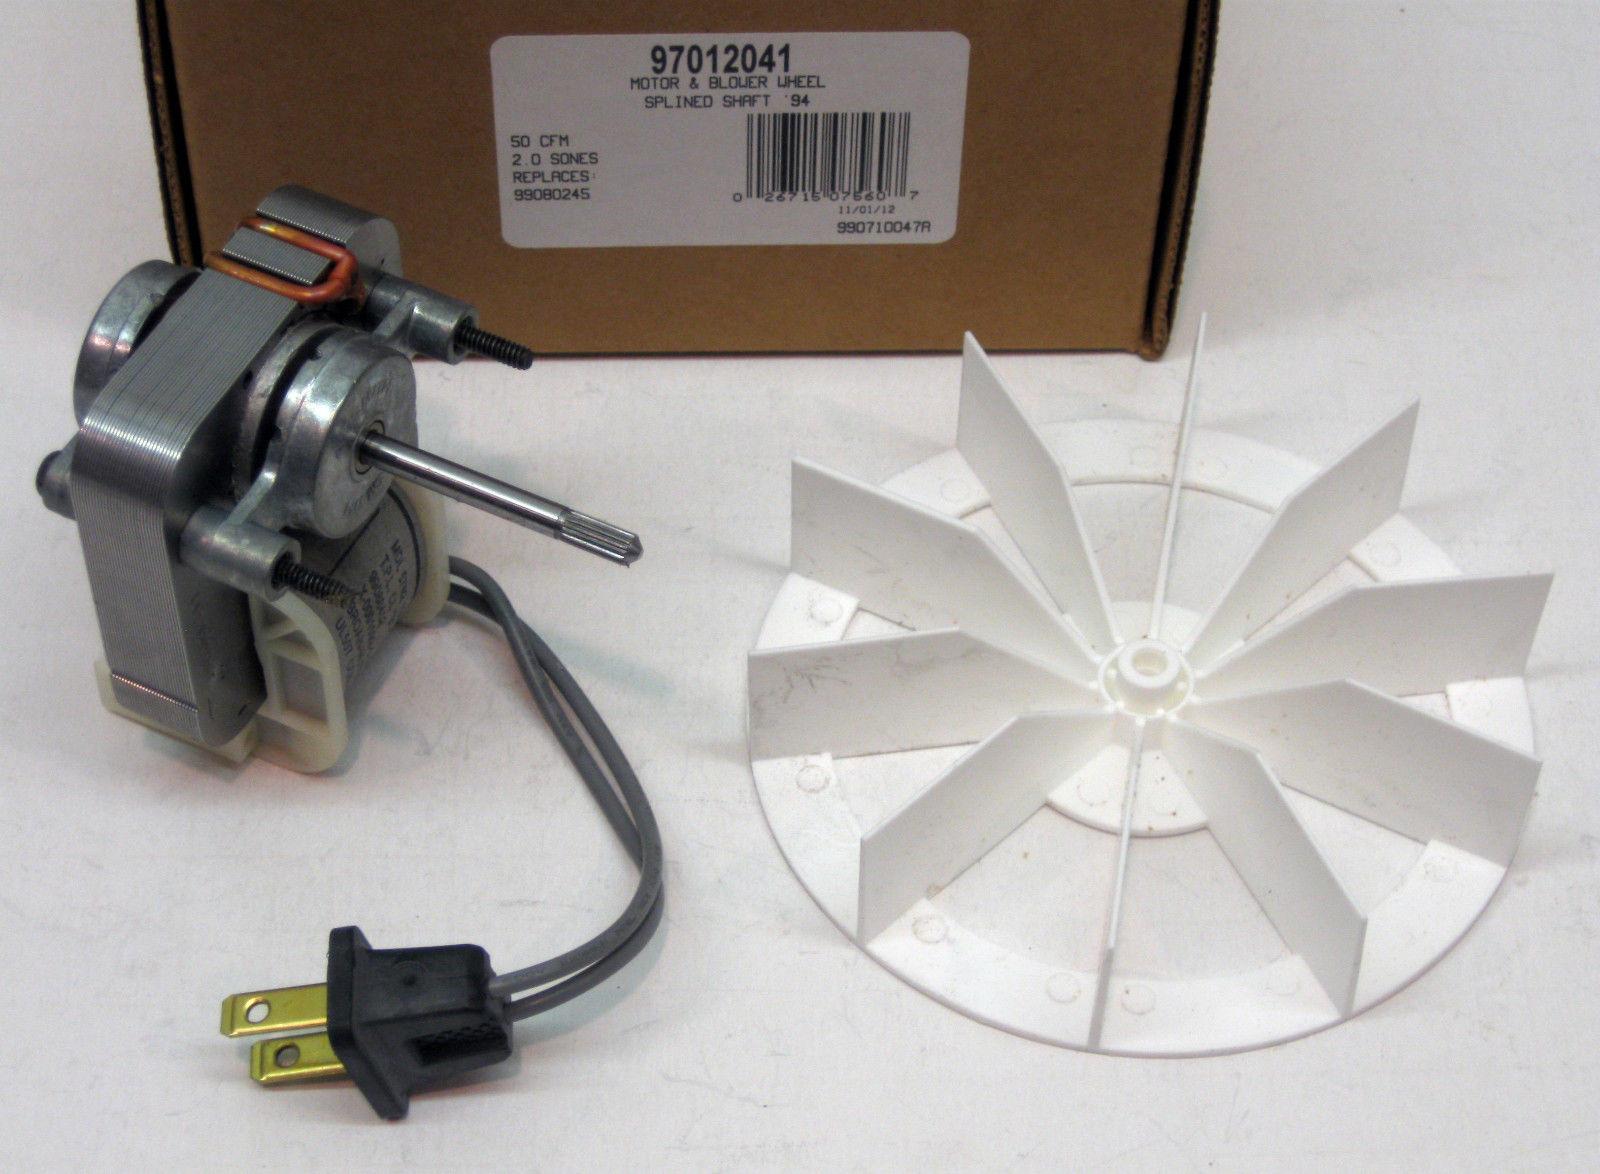 97012041 Broan Nutone Bathroom Vent Fan Motor Wheel 50 Cfm Repl 99080245 26715075607 Ebay